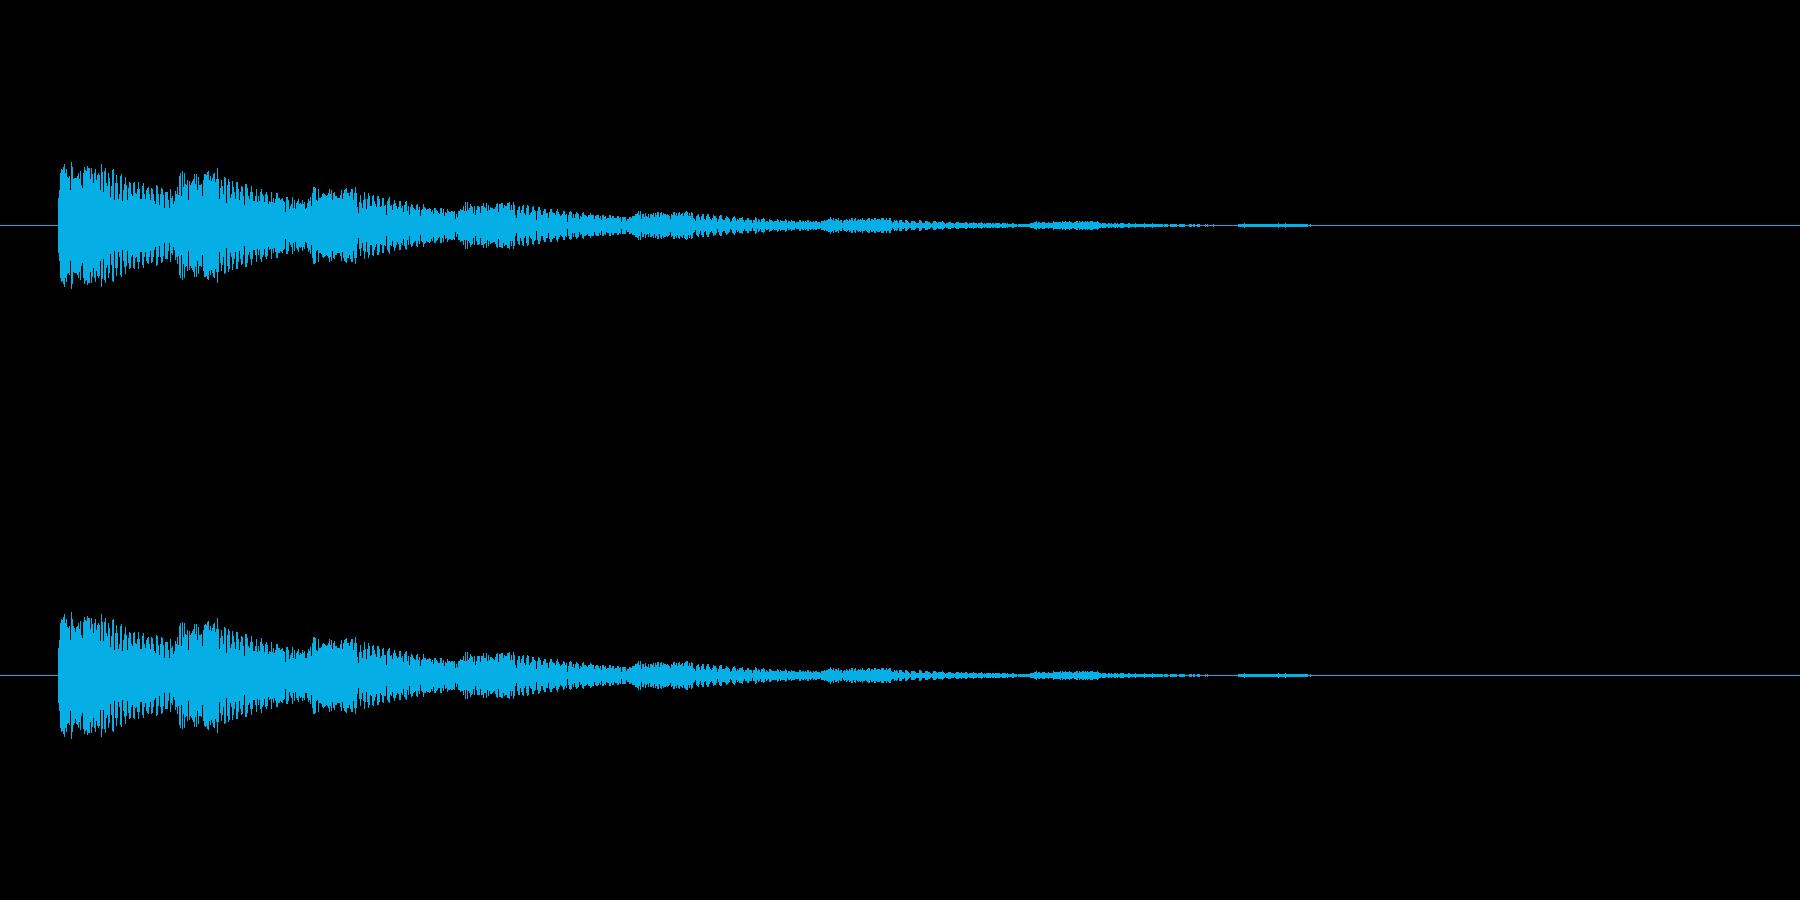 【ネガティブ06-3】の再生済みの波形